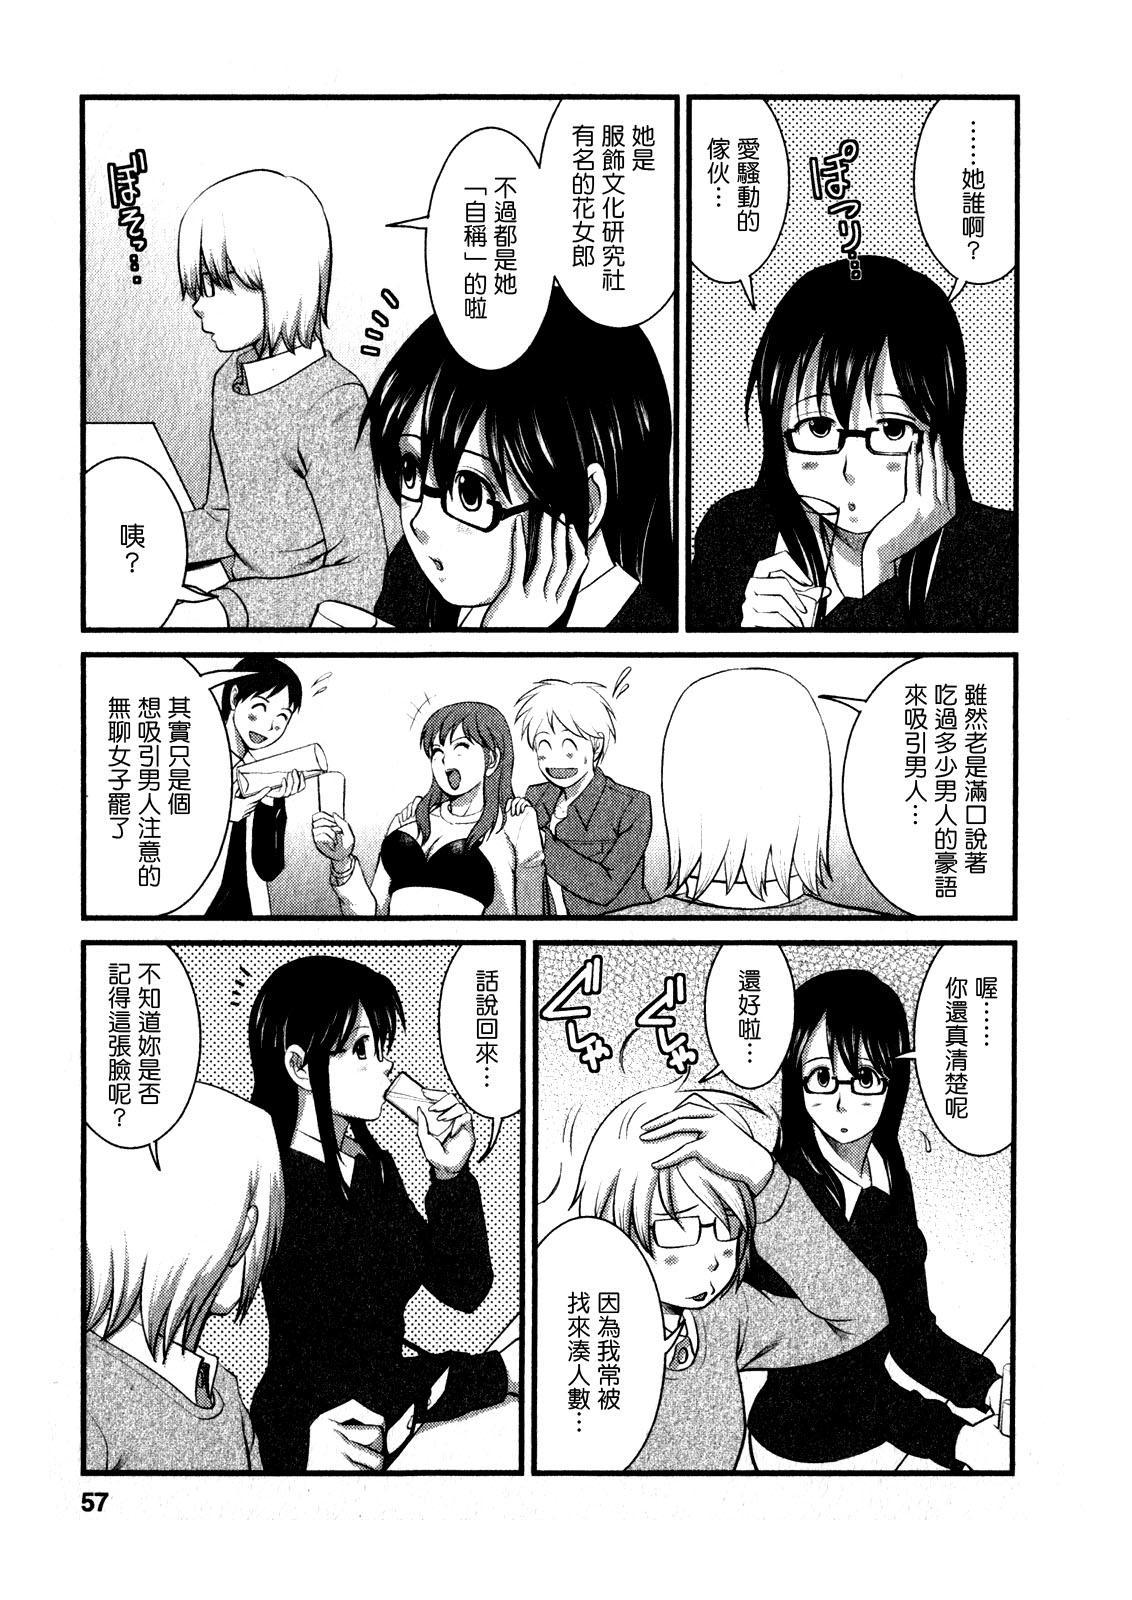 Otaku no Megami-san 1 54